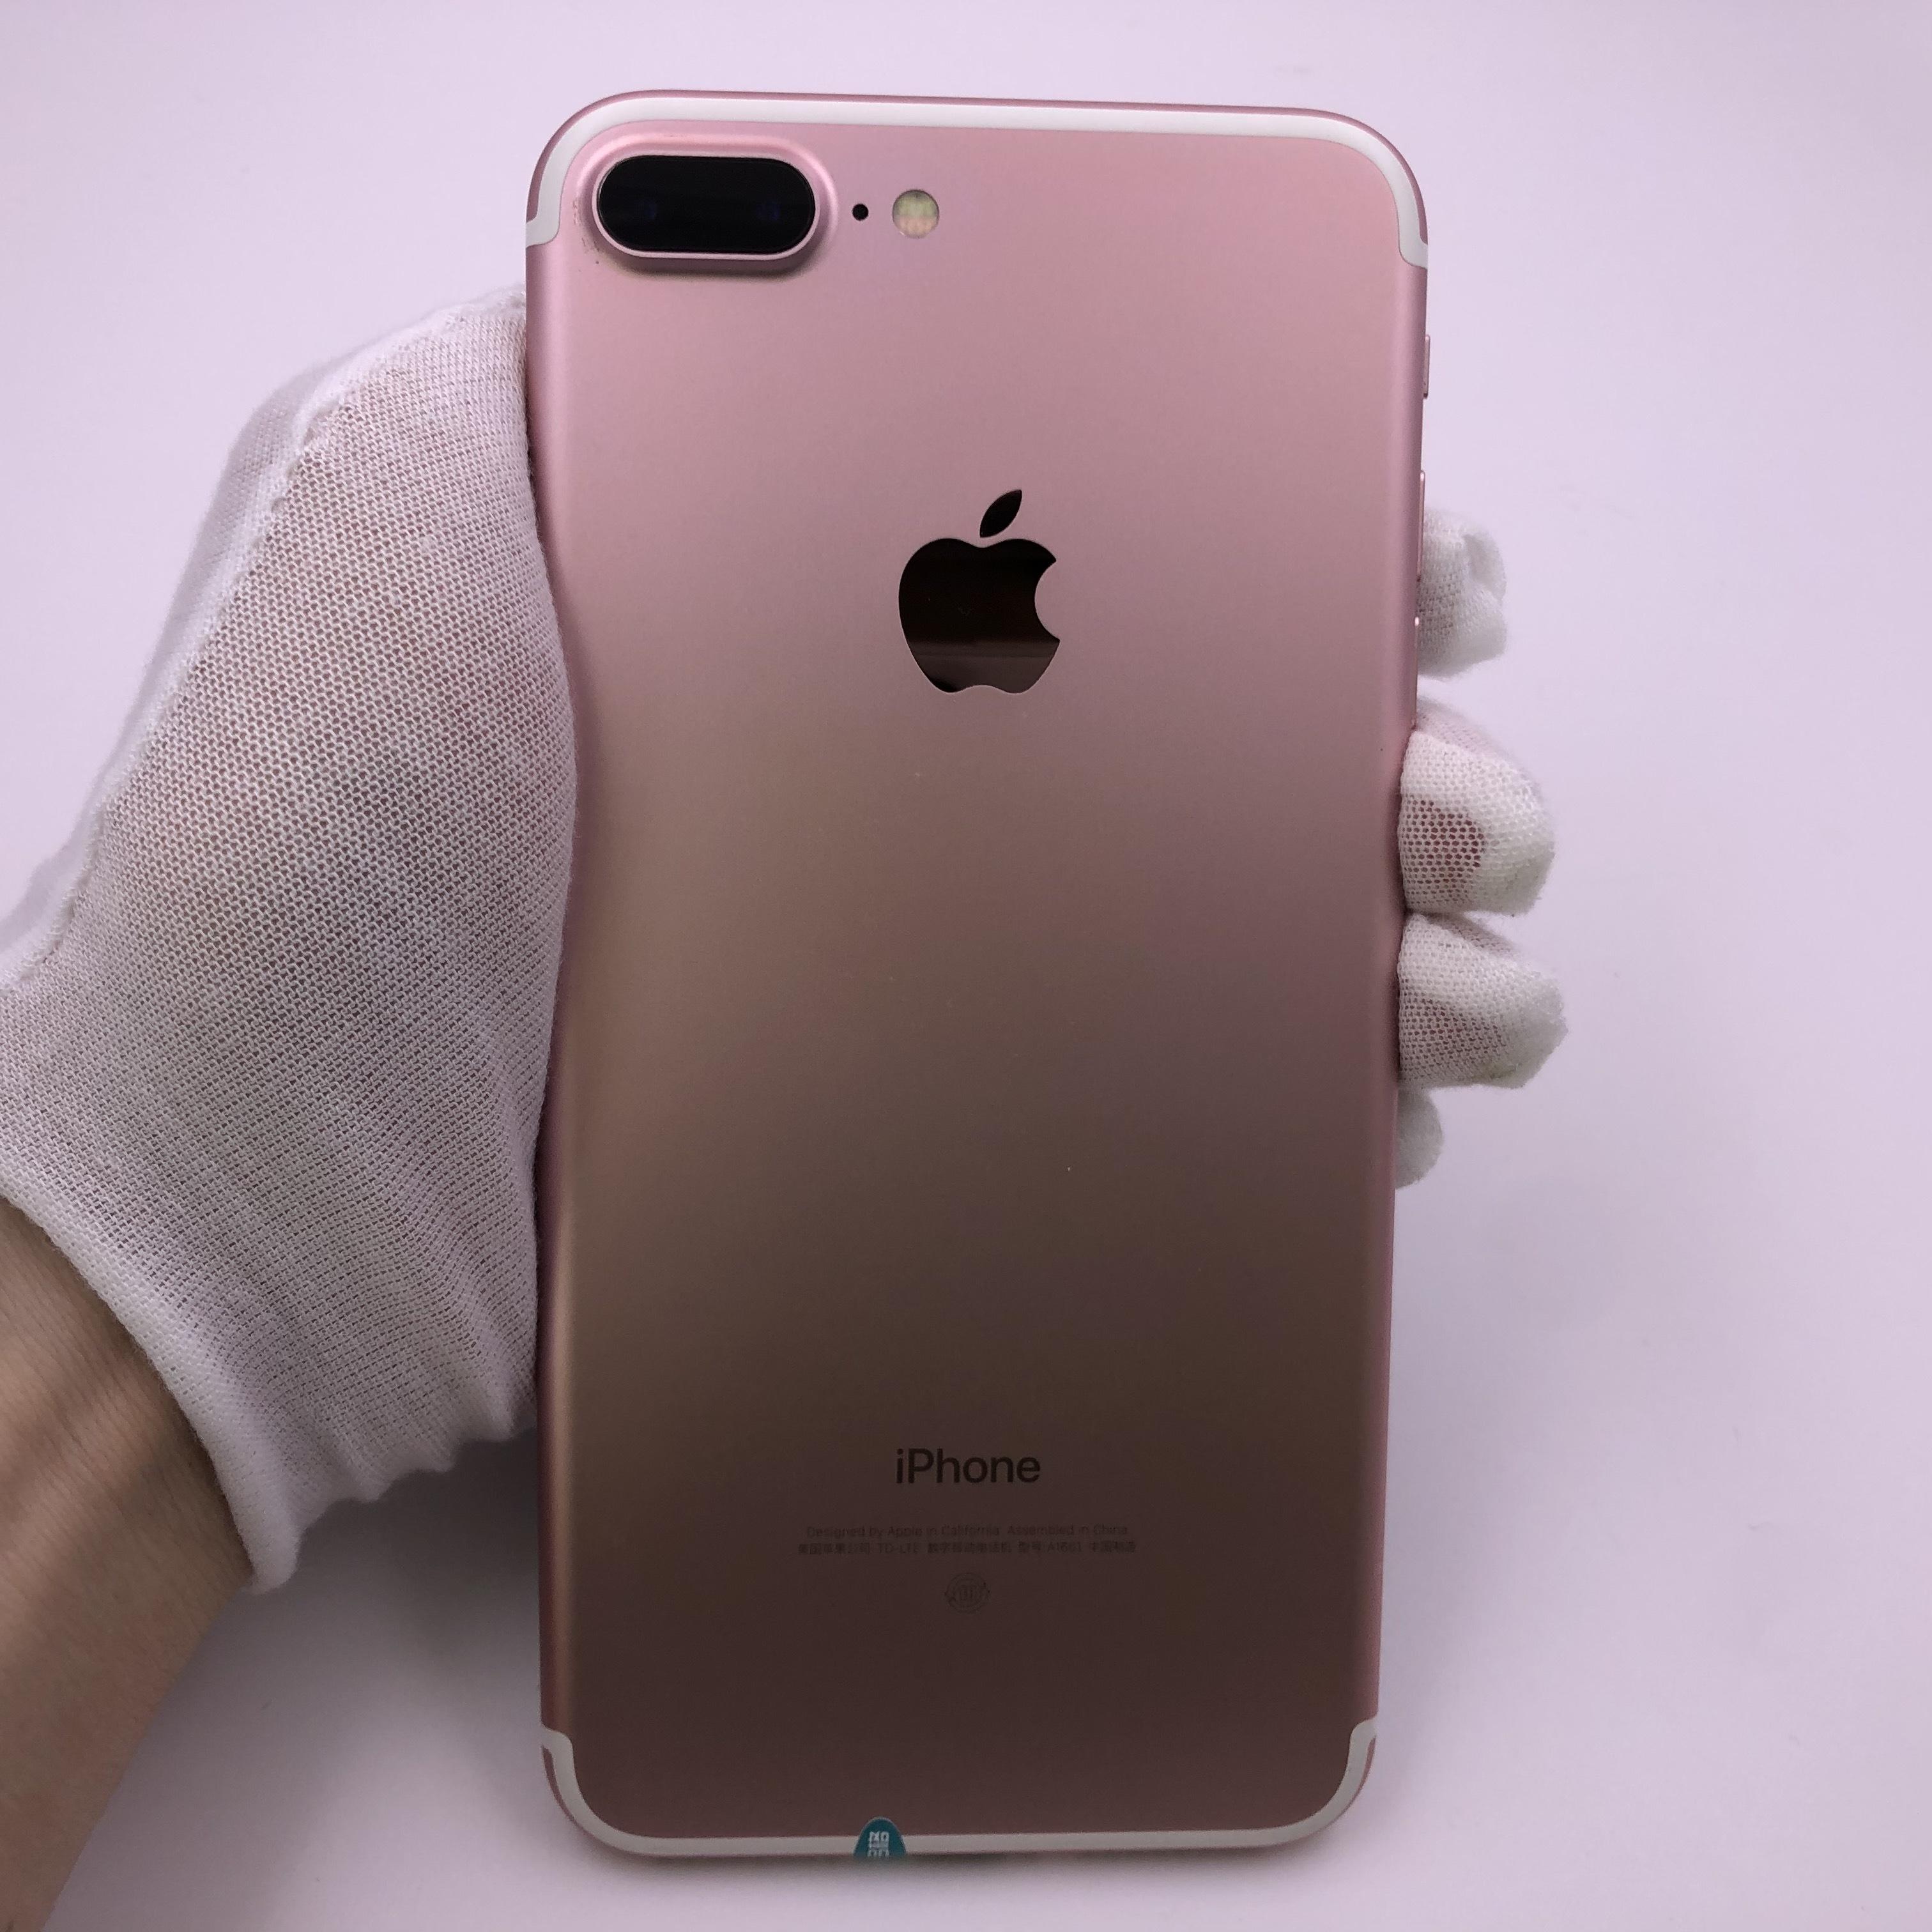 苹果【iPhone 7 Plus】4G全网通 玫瑰金 128G 国行 95新